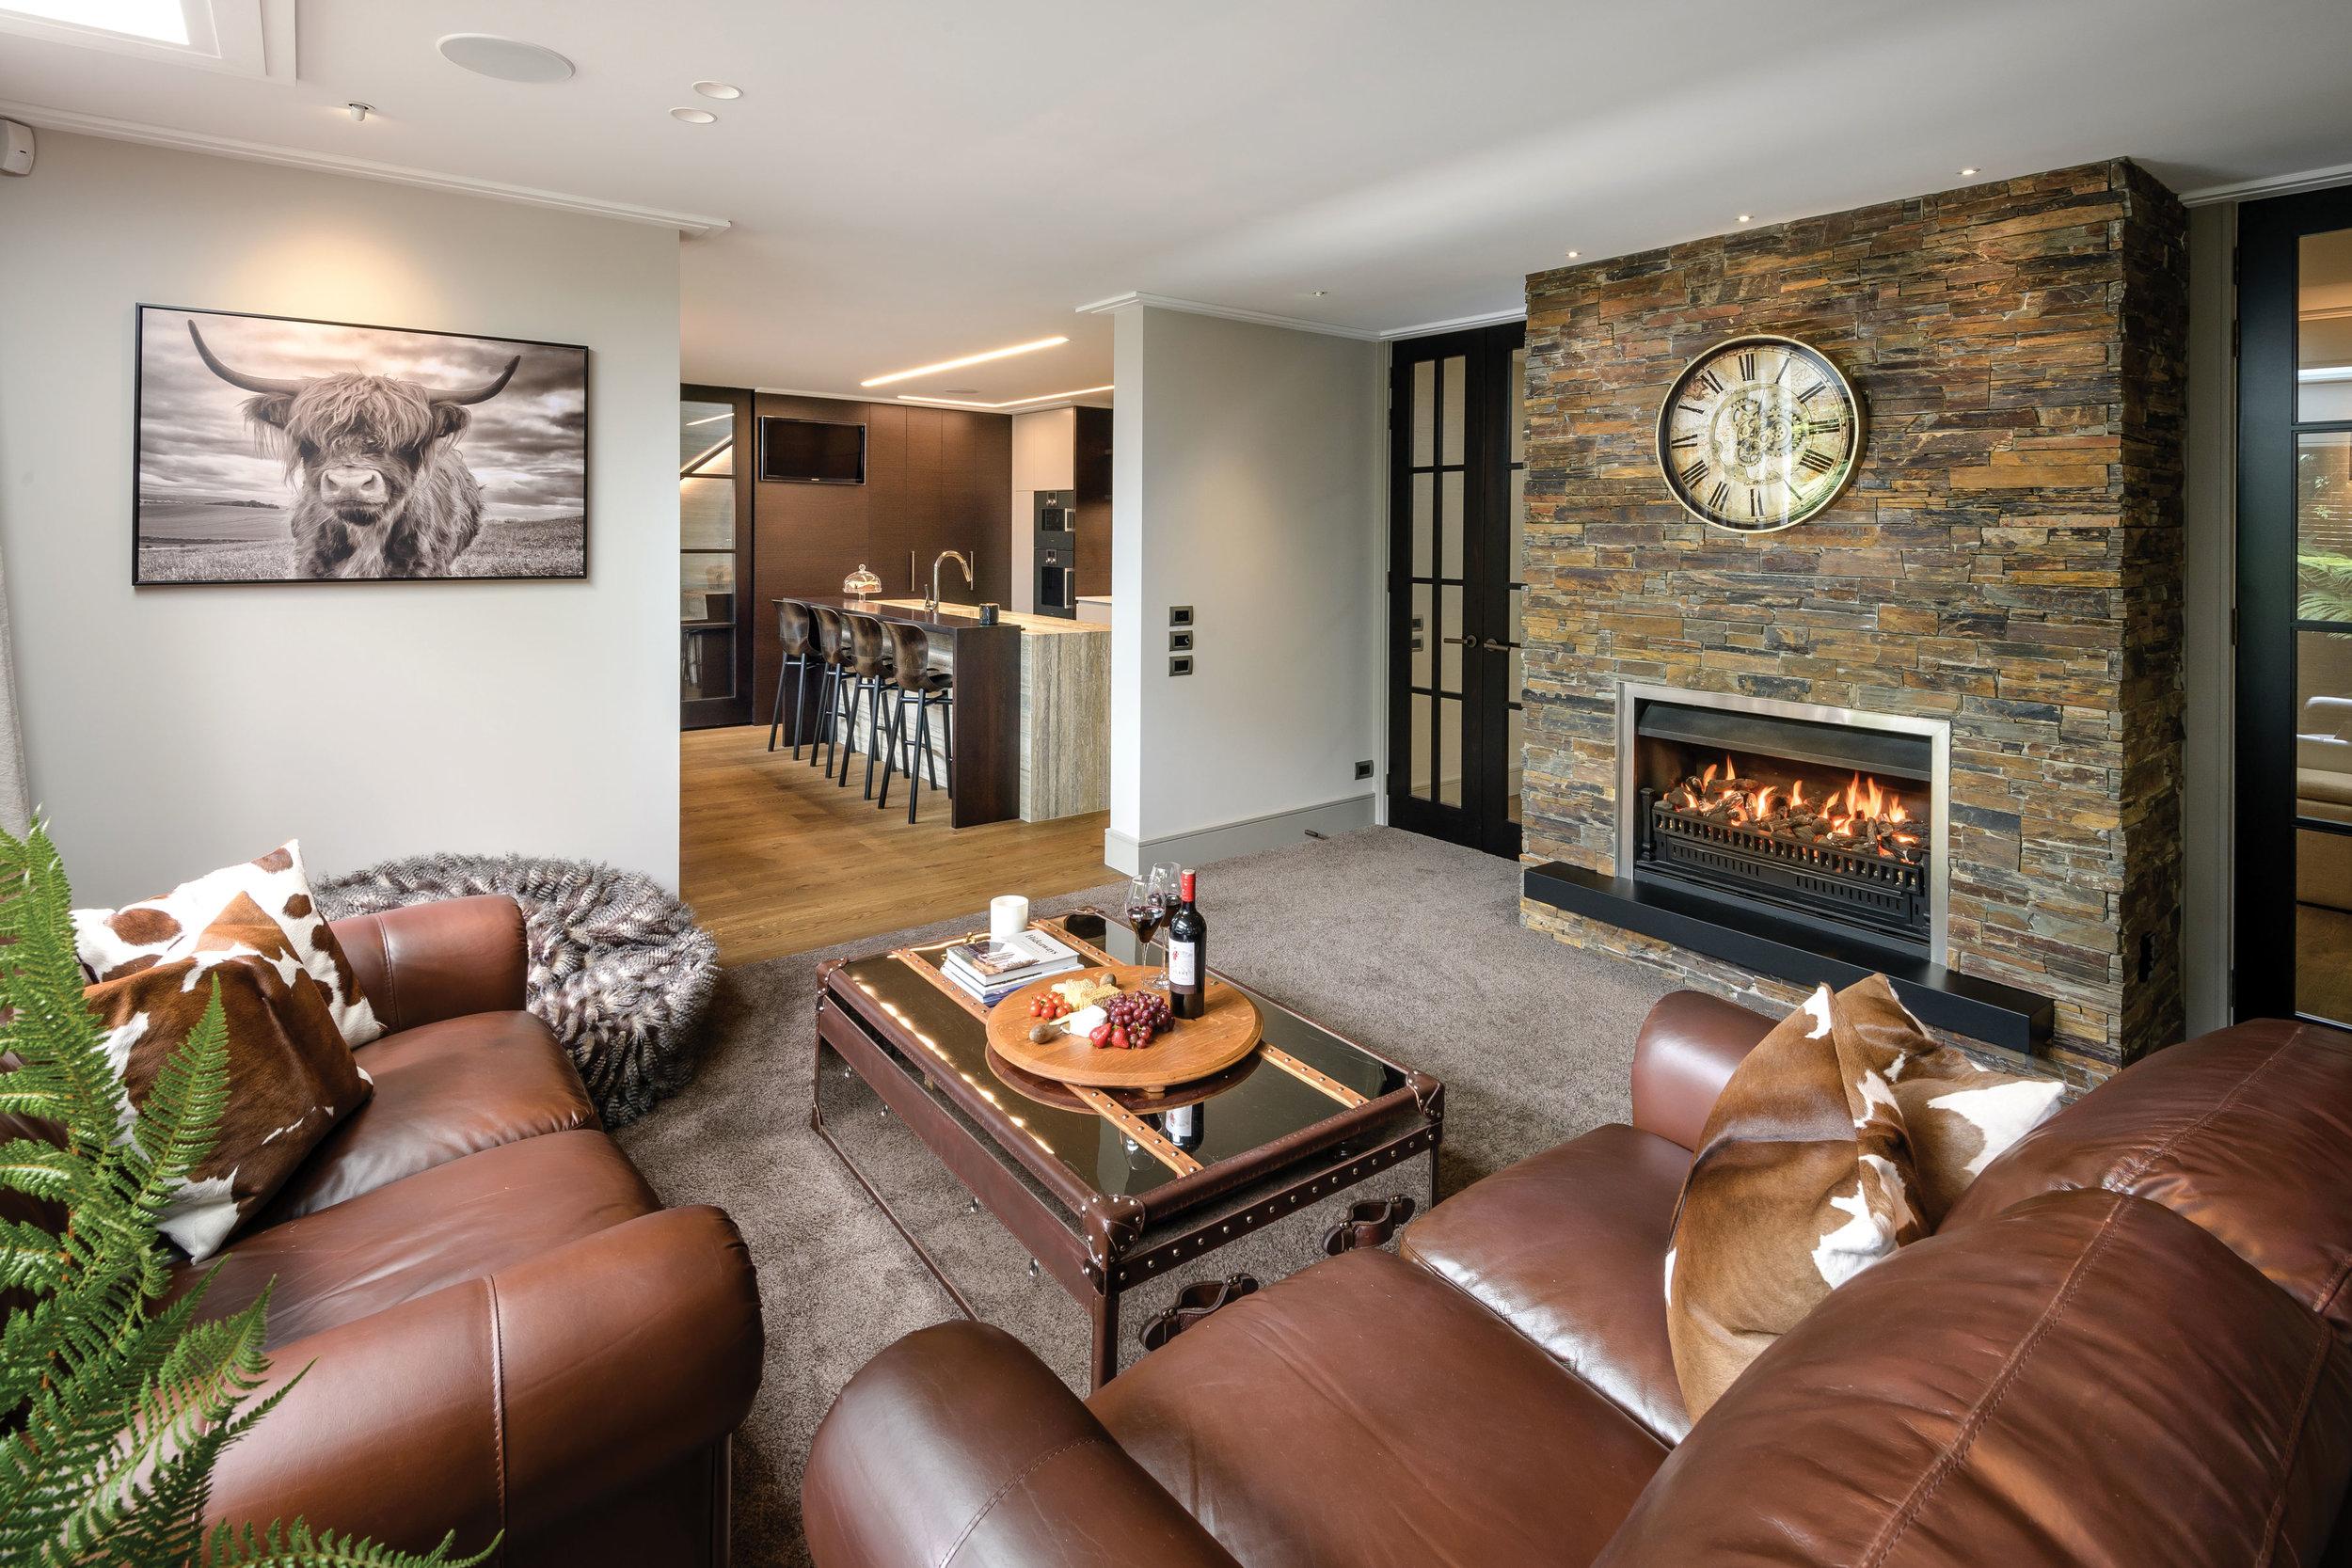 109-Gregg-Builders-Helmores-Fire-Lounge.jpg